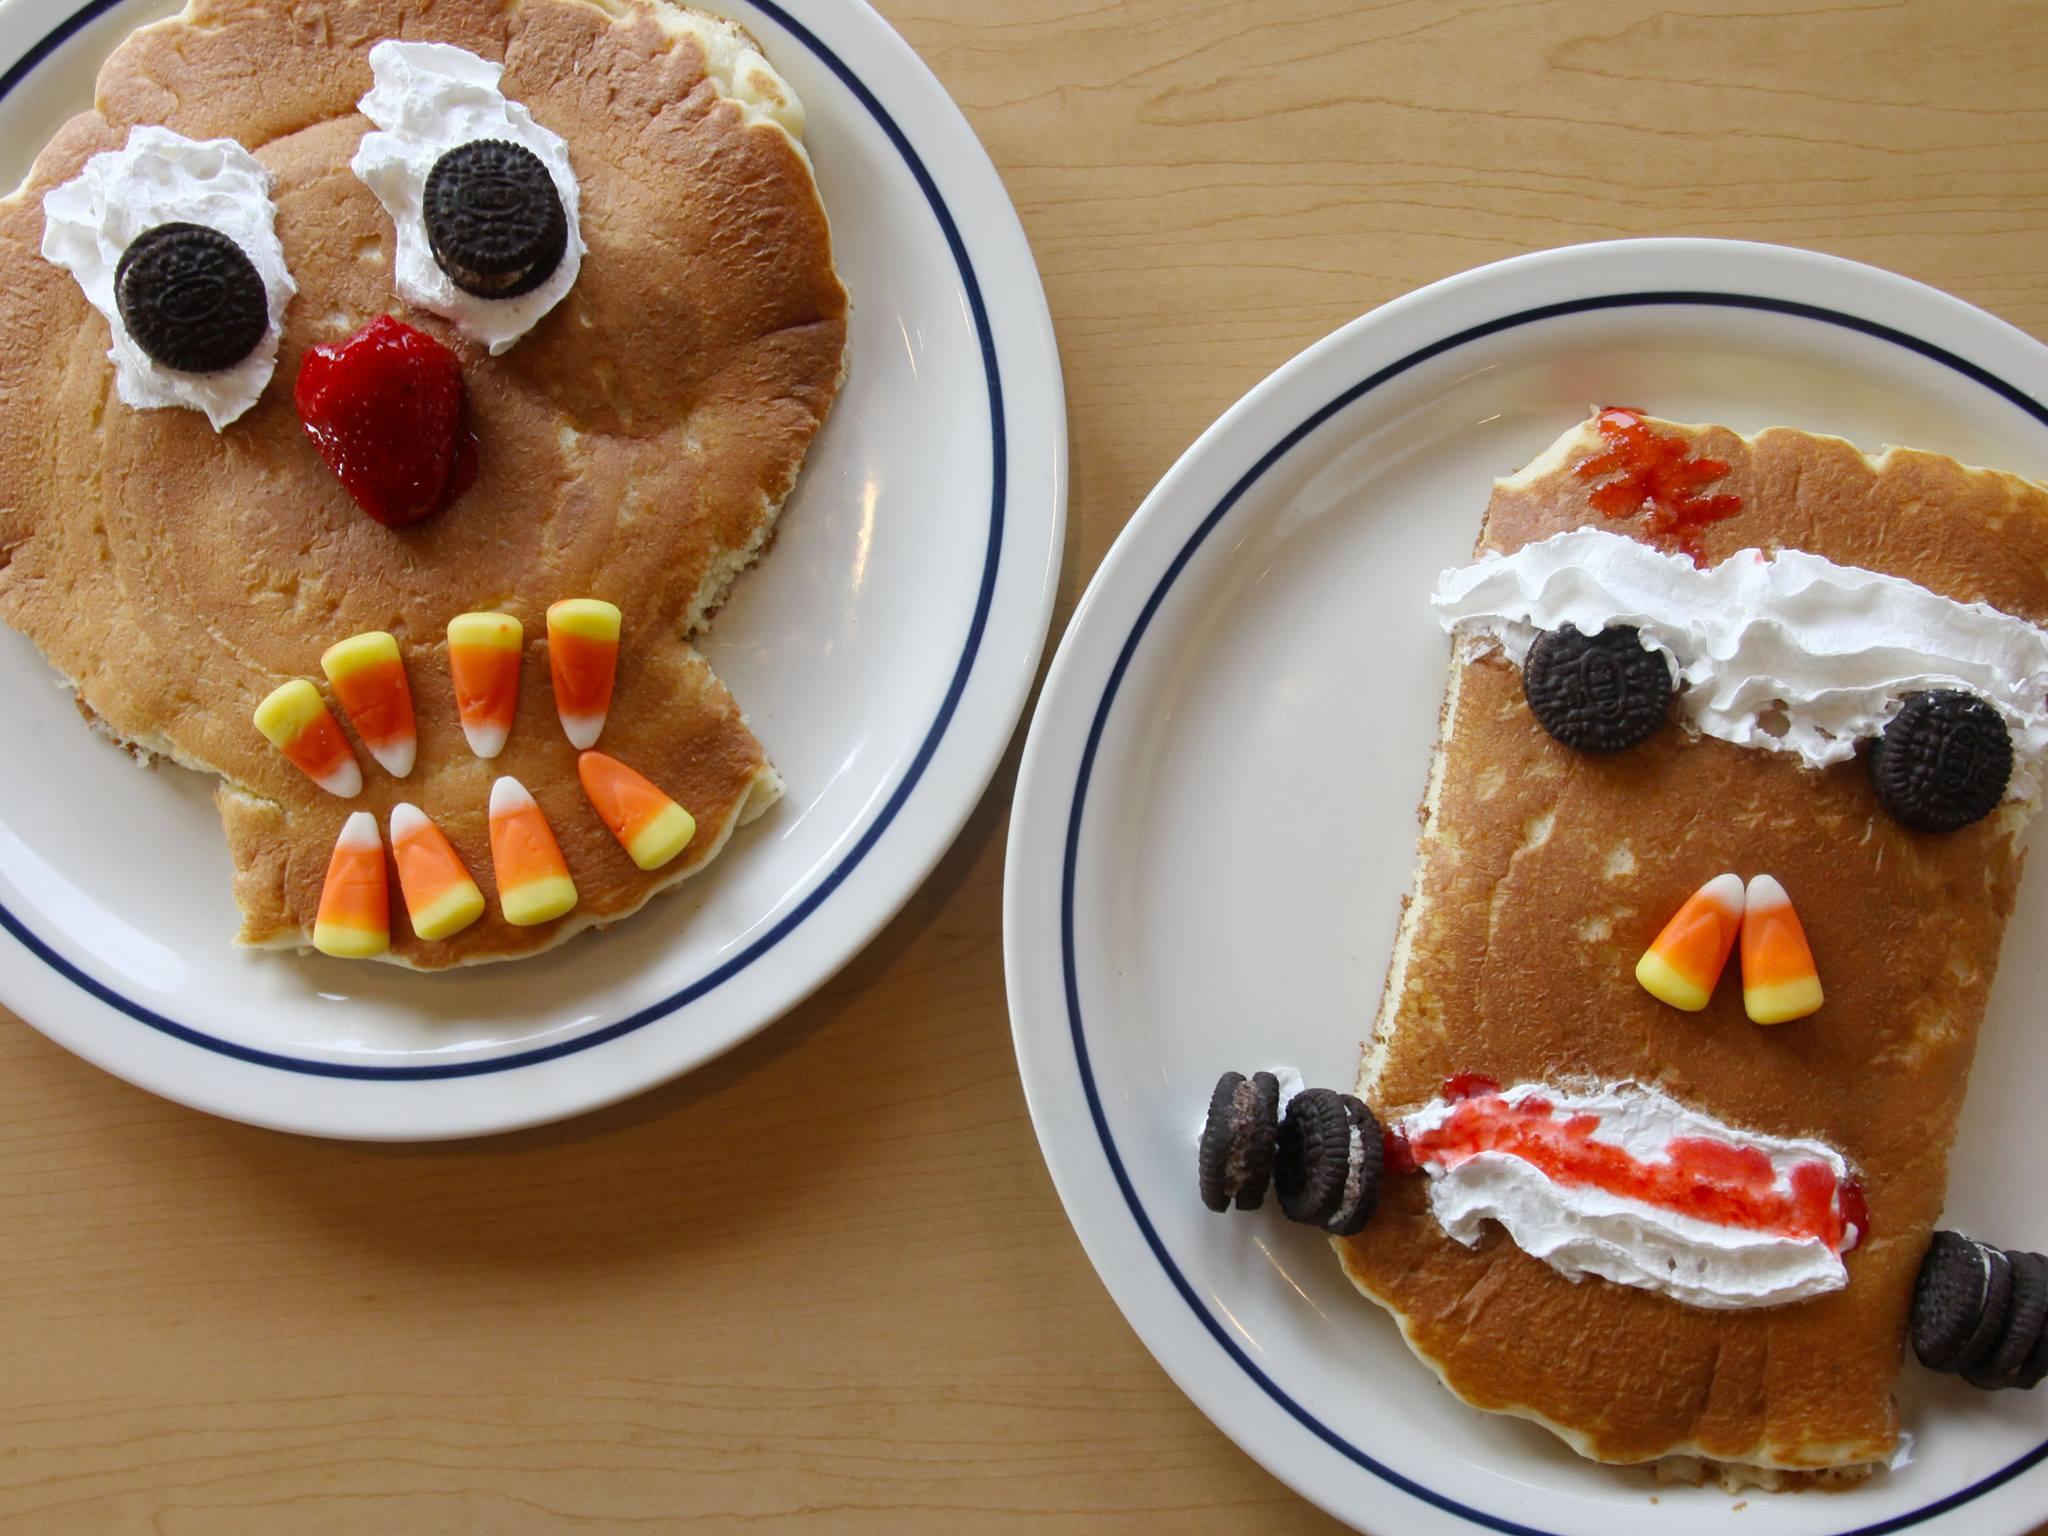 Ihop Free Pancakes Halloween  Free Halloween IHOP Pancakes 2015 • Utah Valley Moms